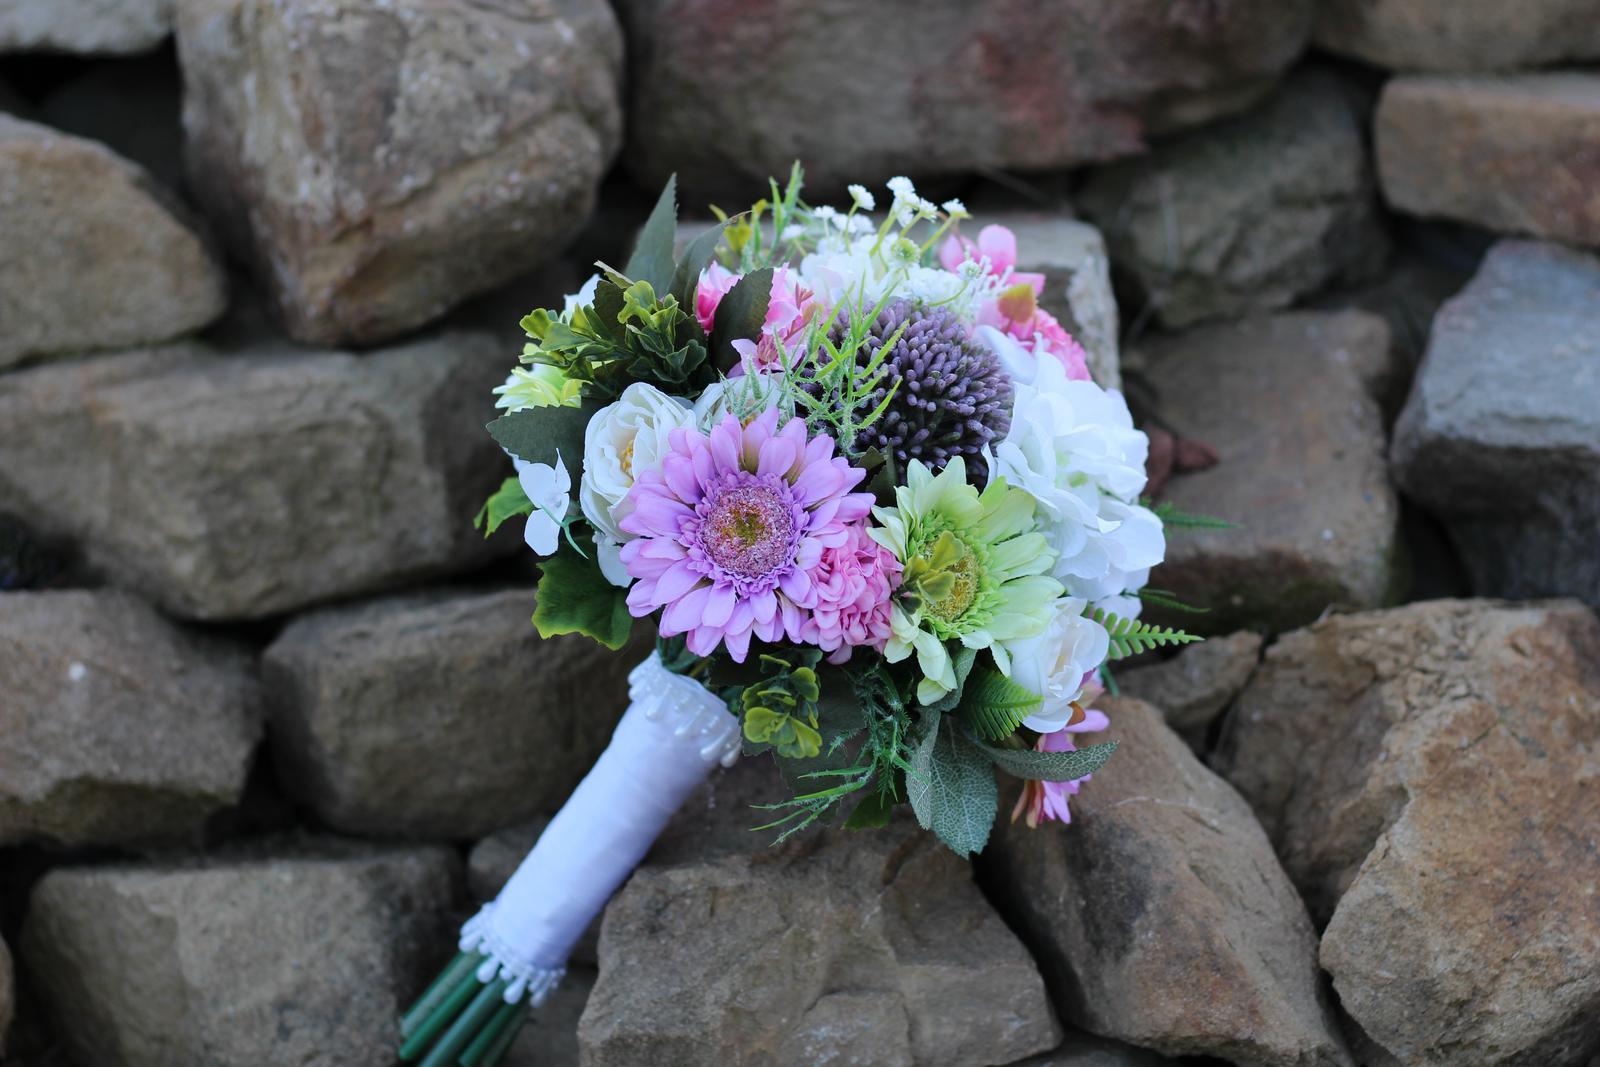 Svadobné kytice 4 druhy - Obrázok č. 2